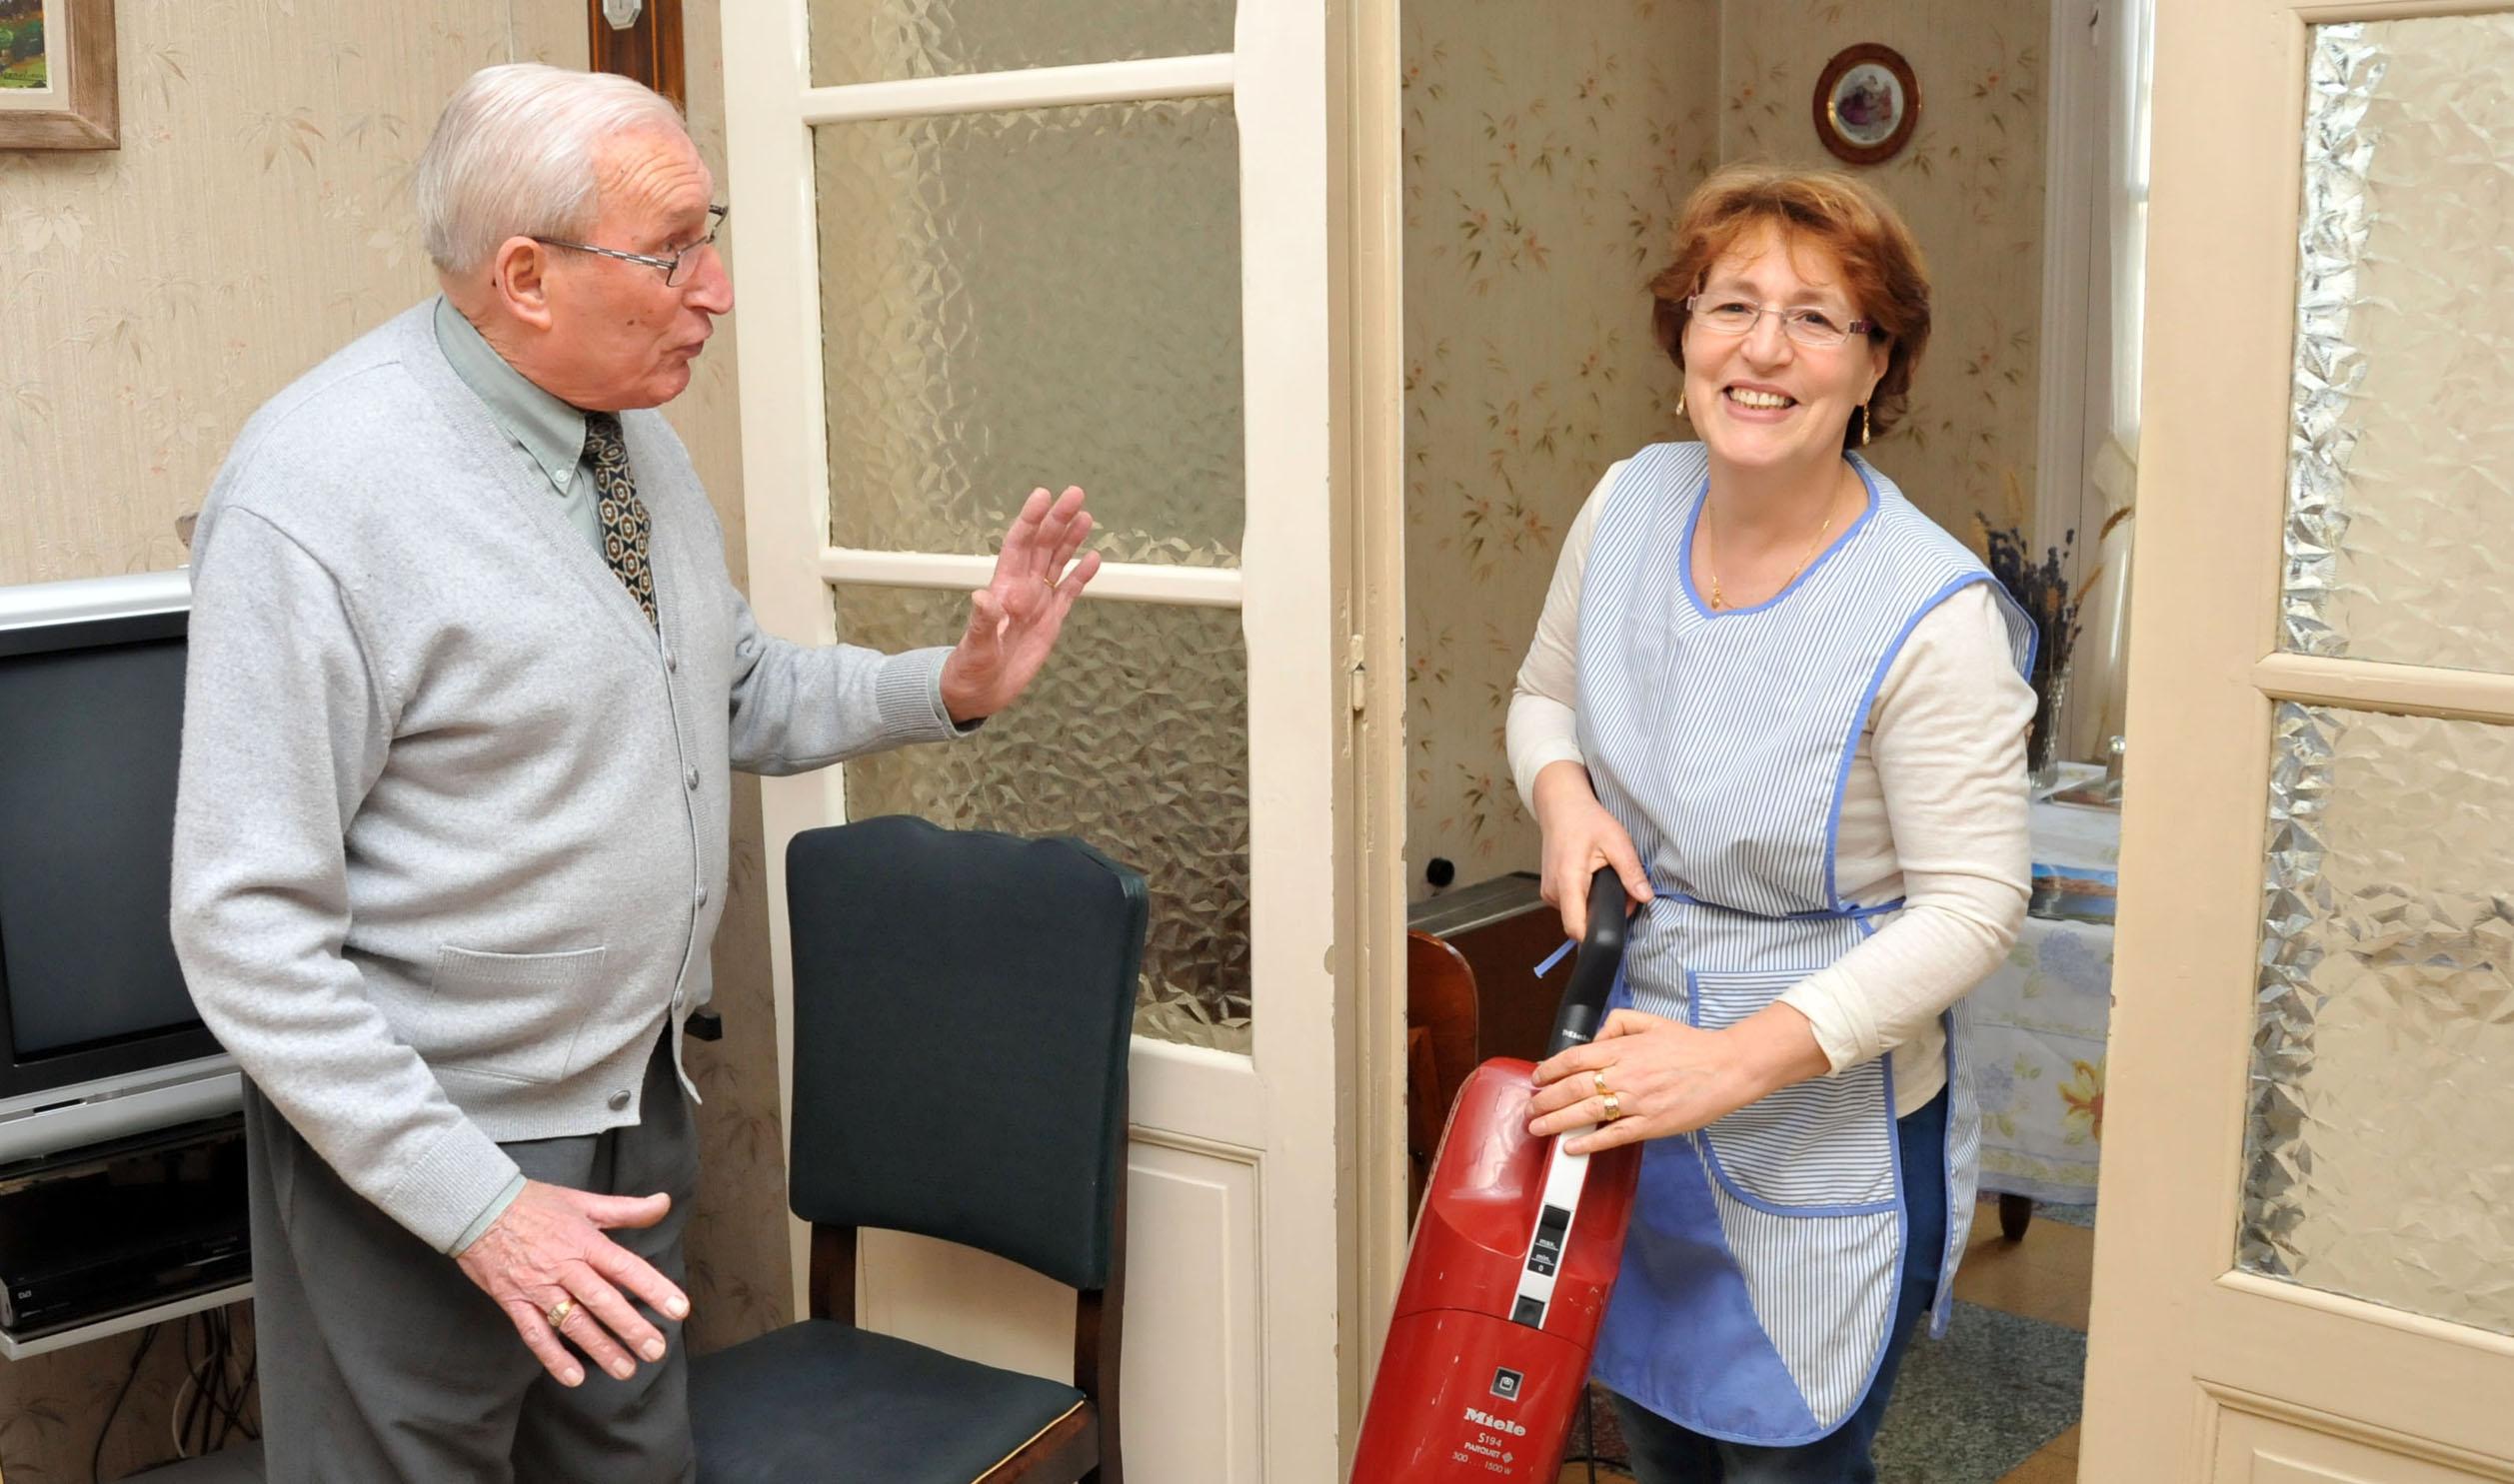 Des services pour faciliter le quotidien / Seniors / Ma vie